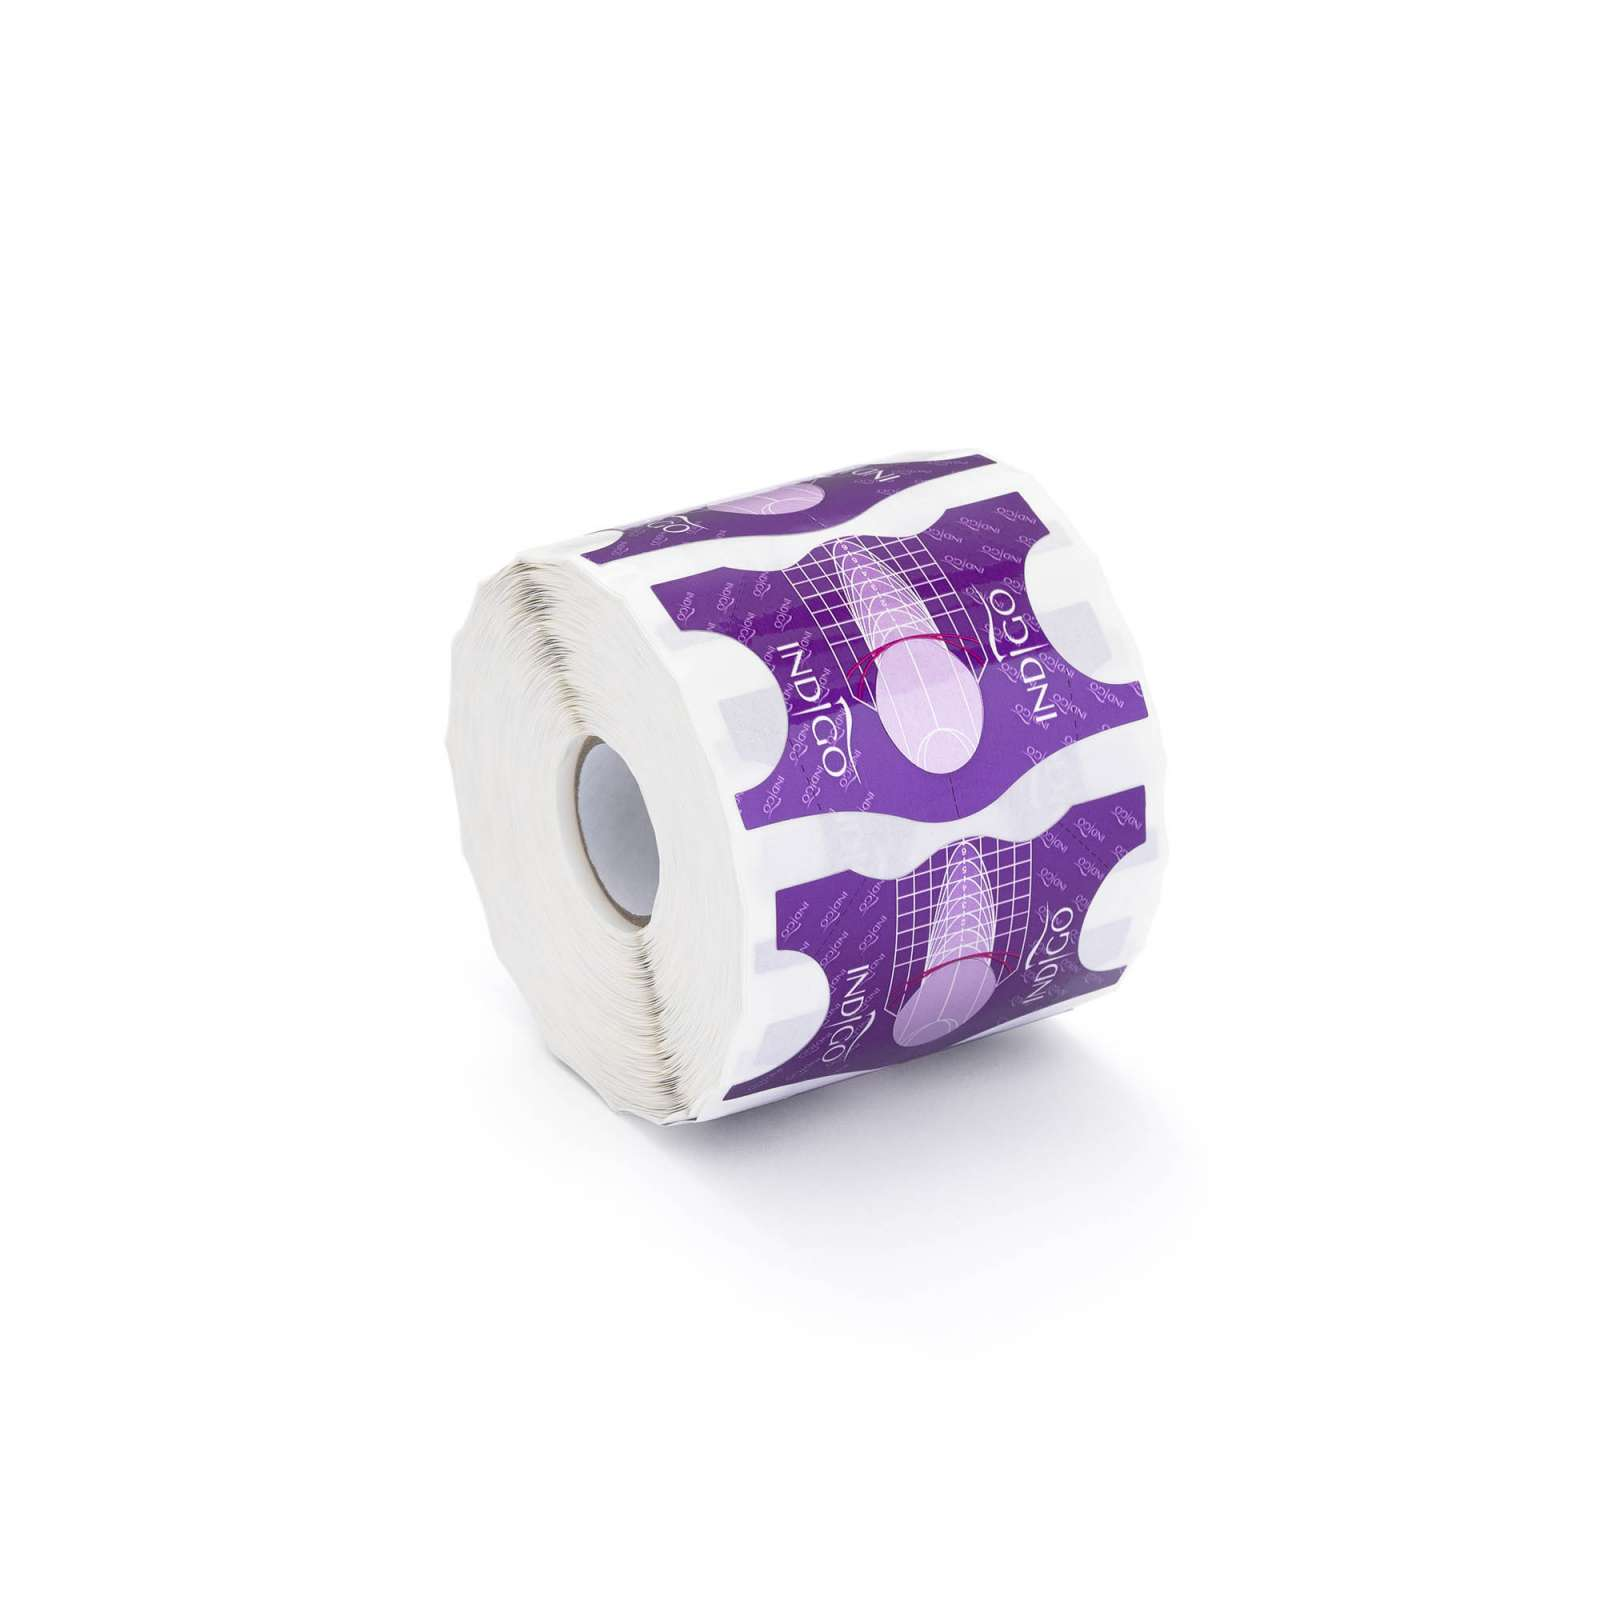 Short nail forms 500pcs